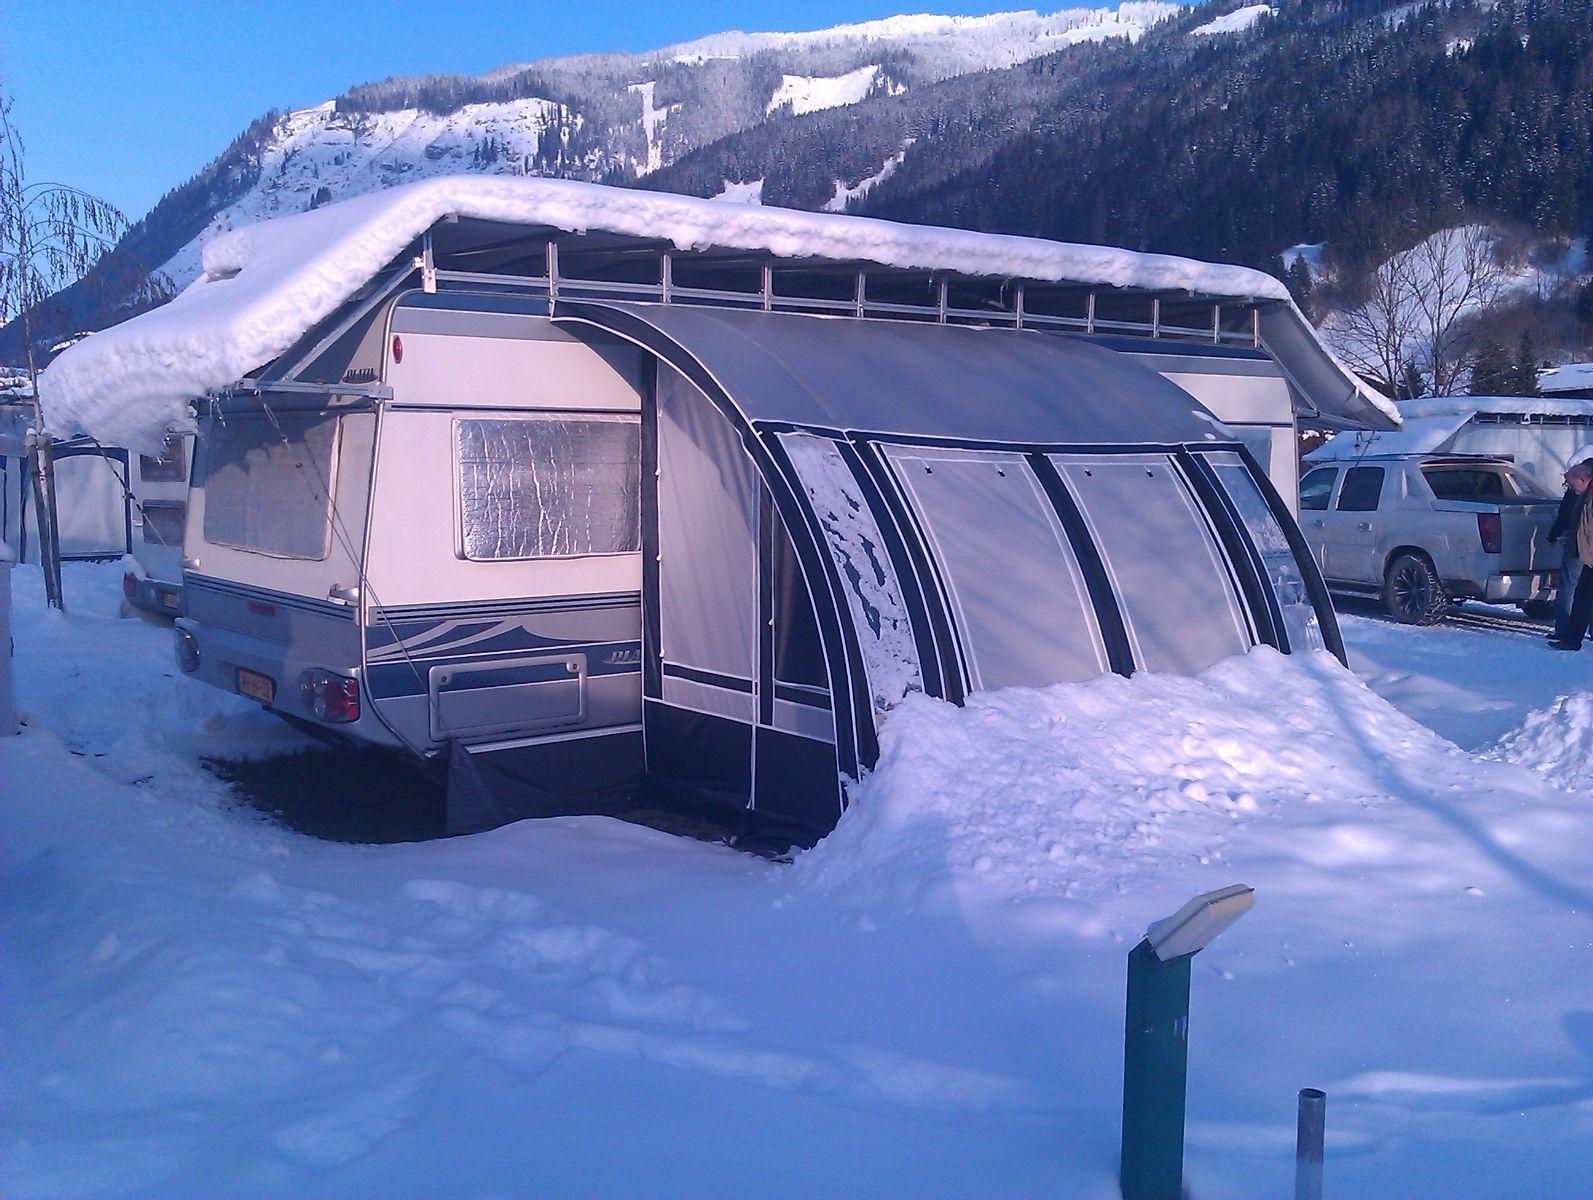 Aronde Wintervorzelte Markise Wohnwagen